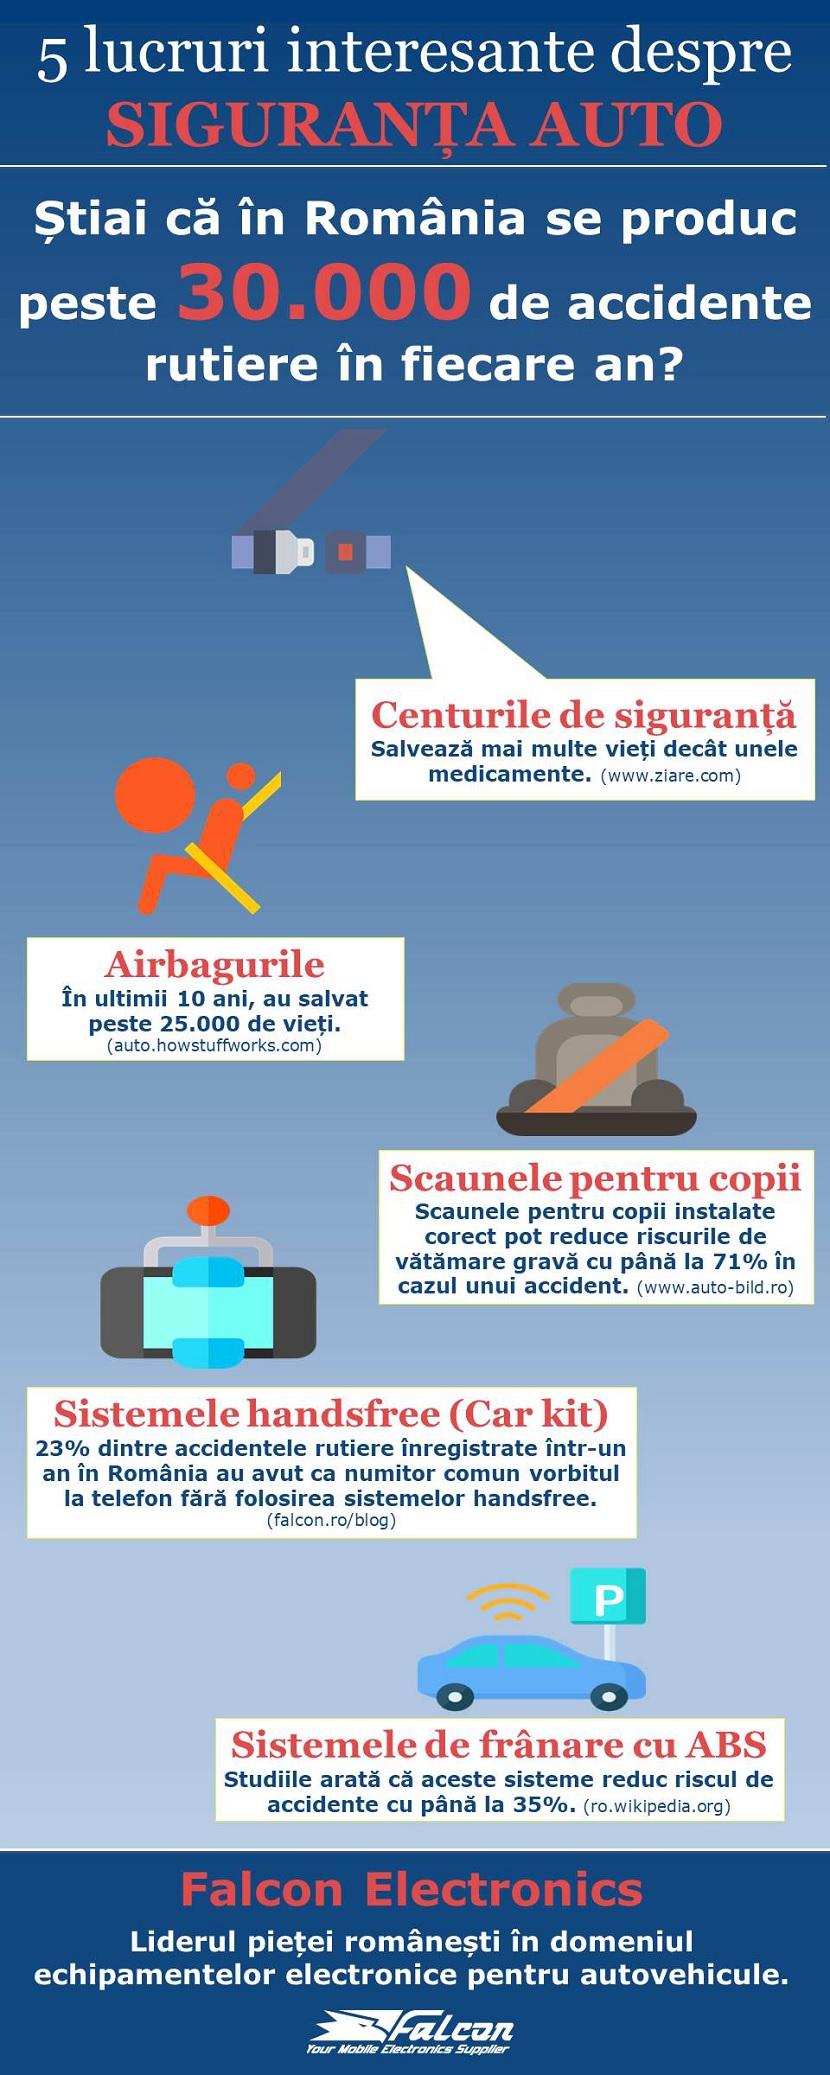 Falcon infografic